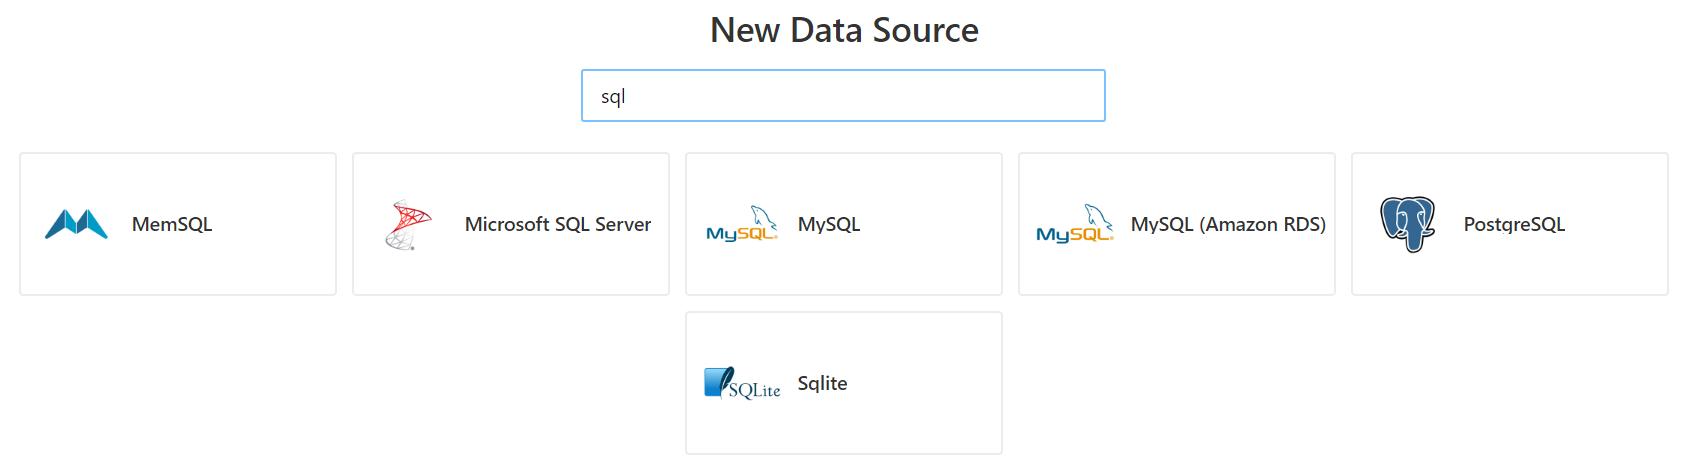 Adding a new Redash Data Source - Redash v5 Quick Start Guide